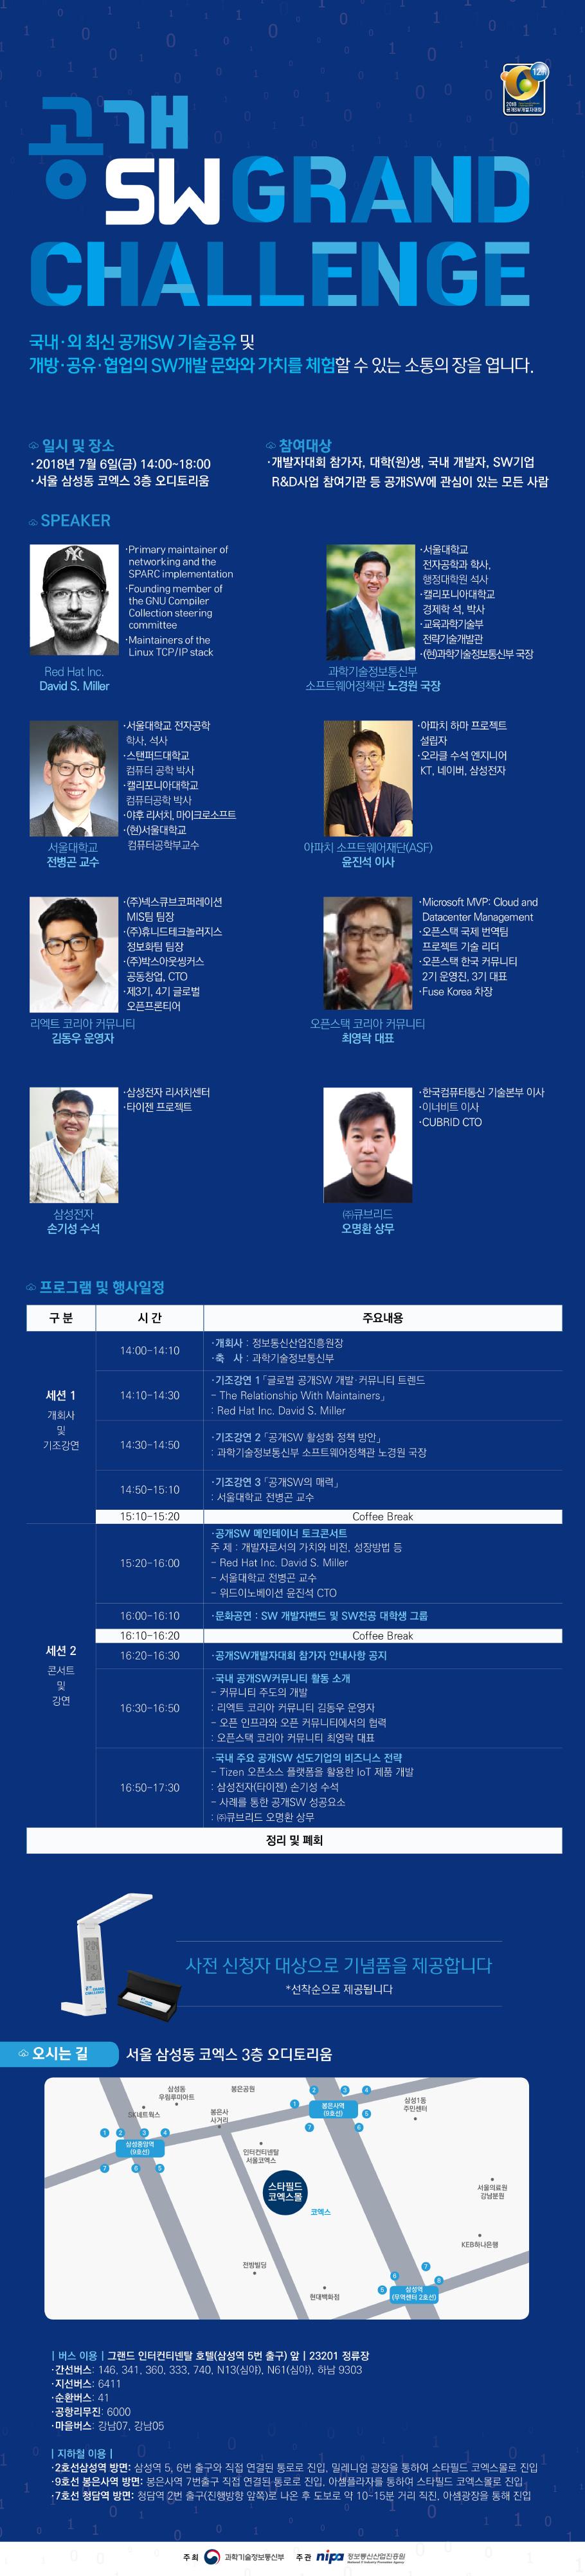 공개SW Grand Challenge.png